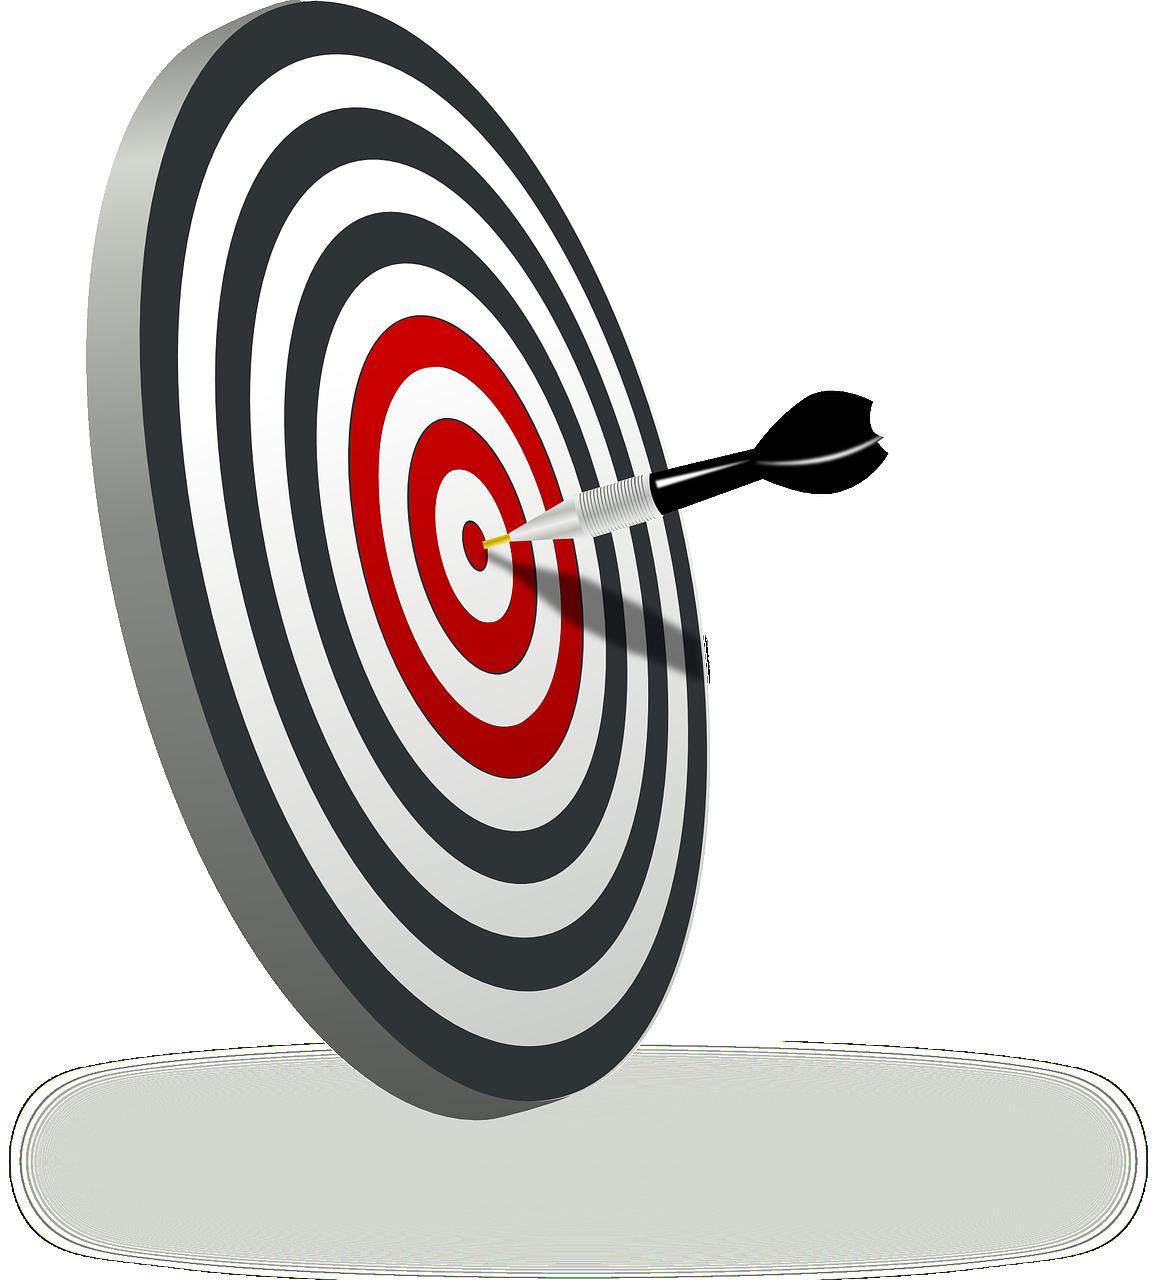 Controllo aziendale-obiettivi